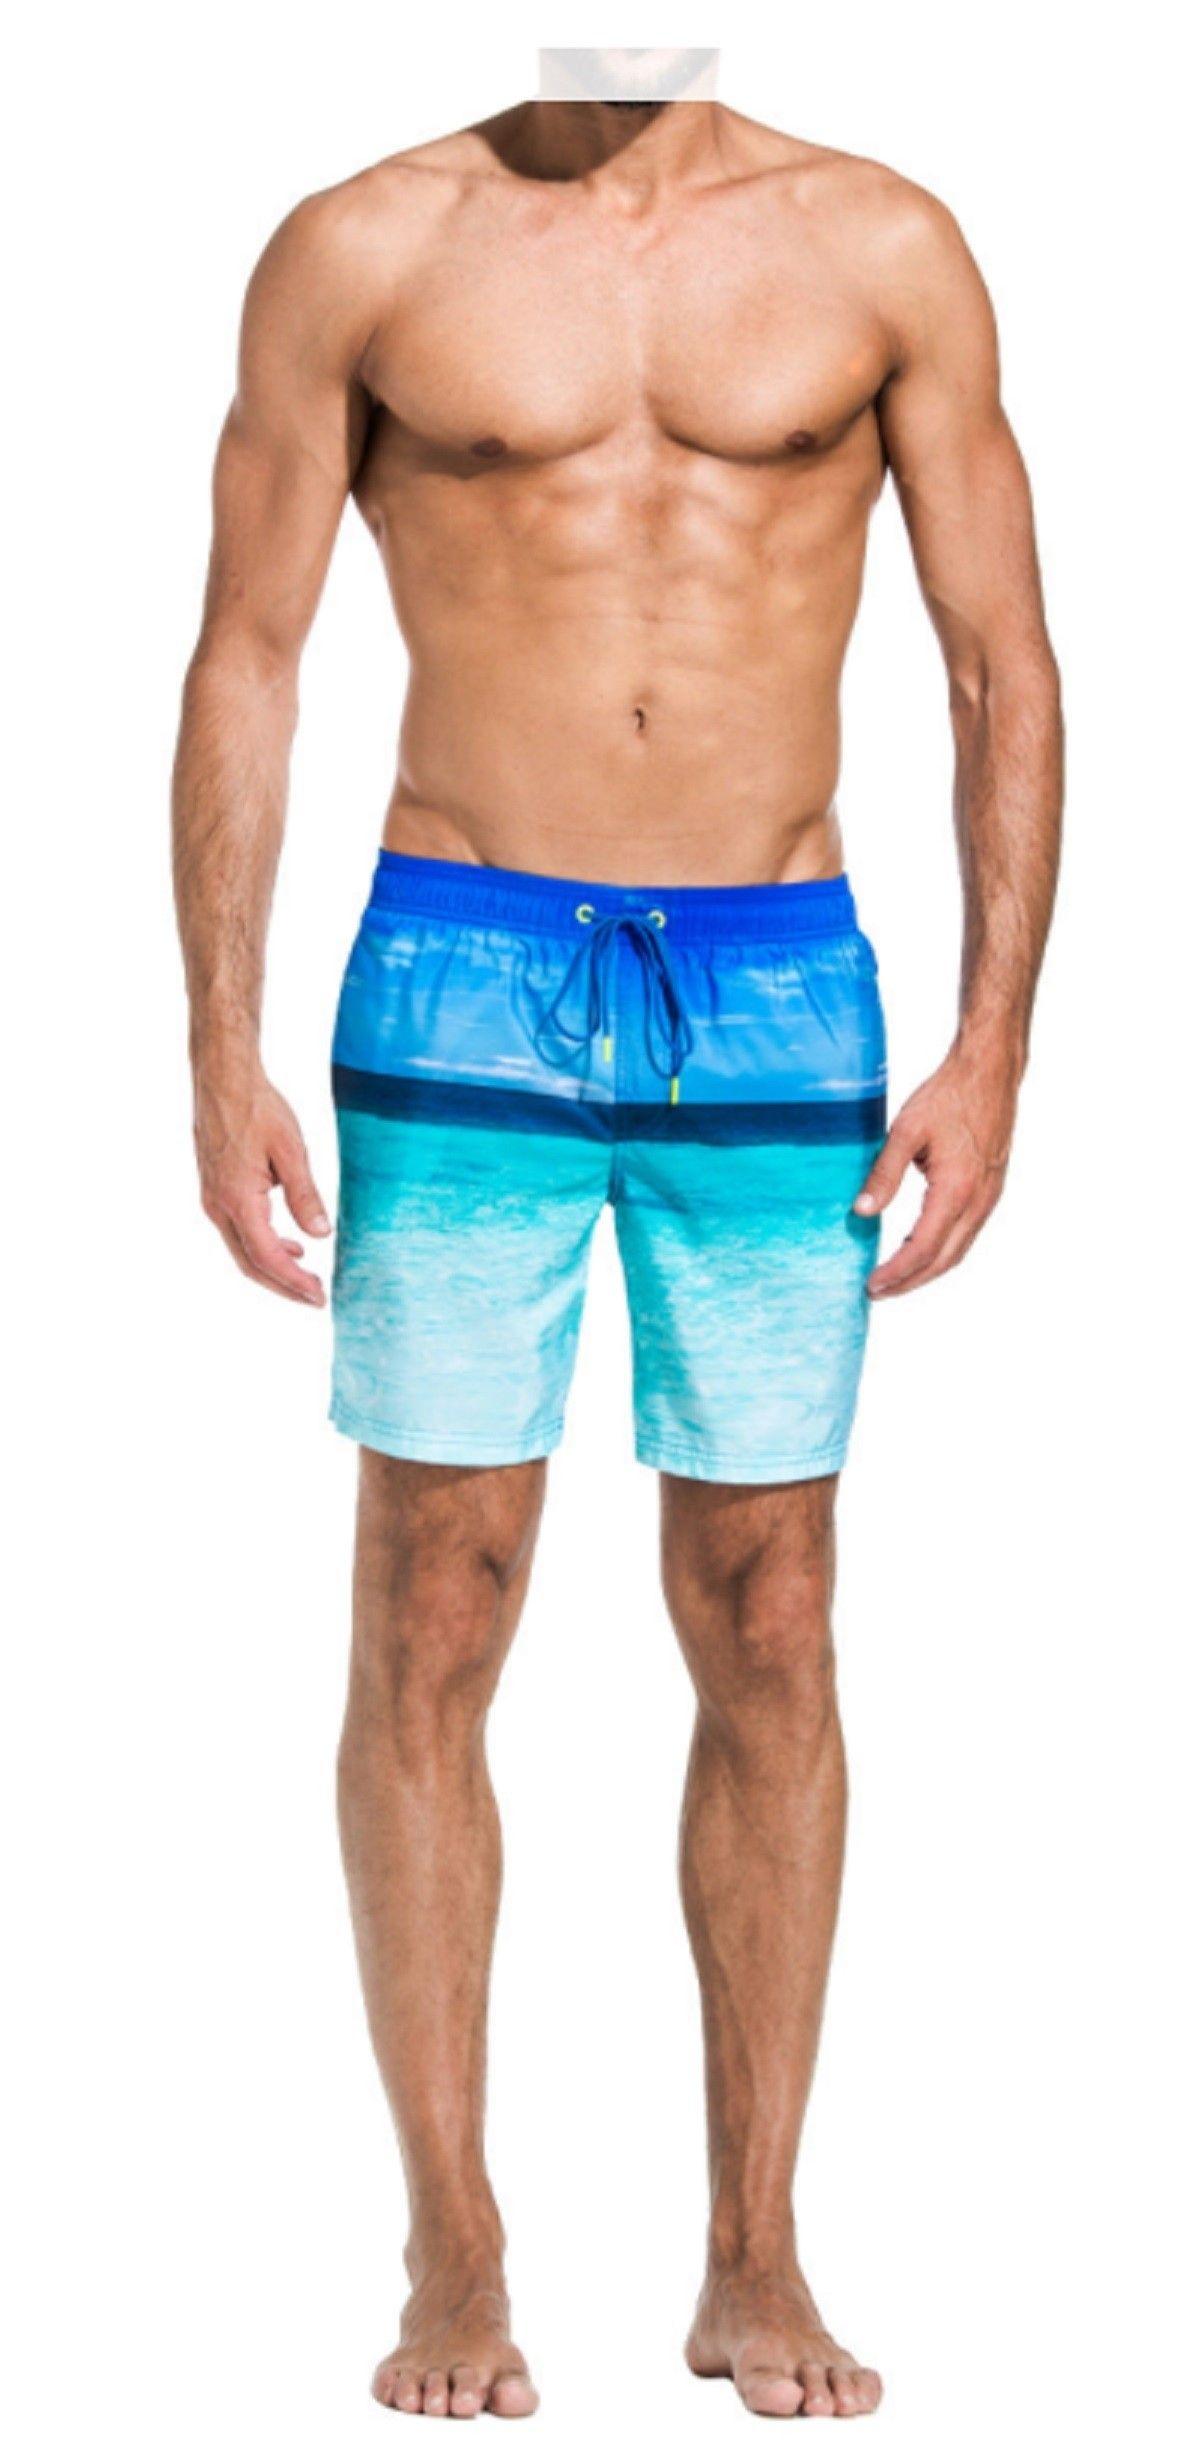 e5dc4c793b Costume Sundek m505bdp03gd elastic waist 089 lungo ocean blue ss17 | sundek  uomo 2017 | Swim trunks, Elastic waist, Trunks